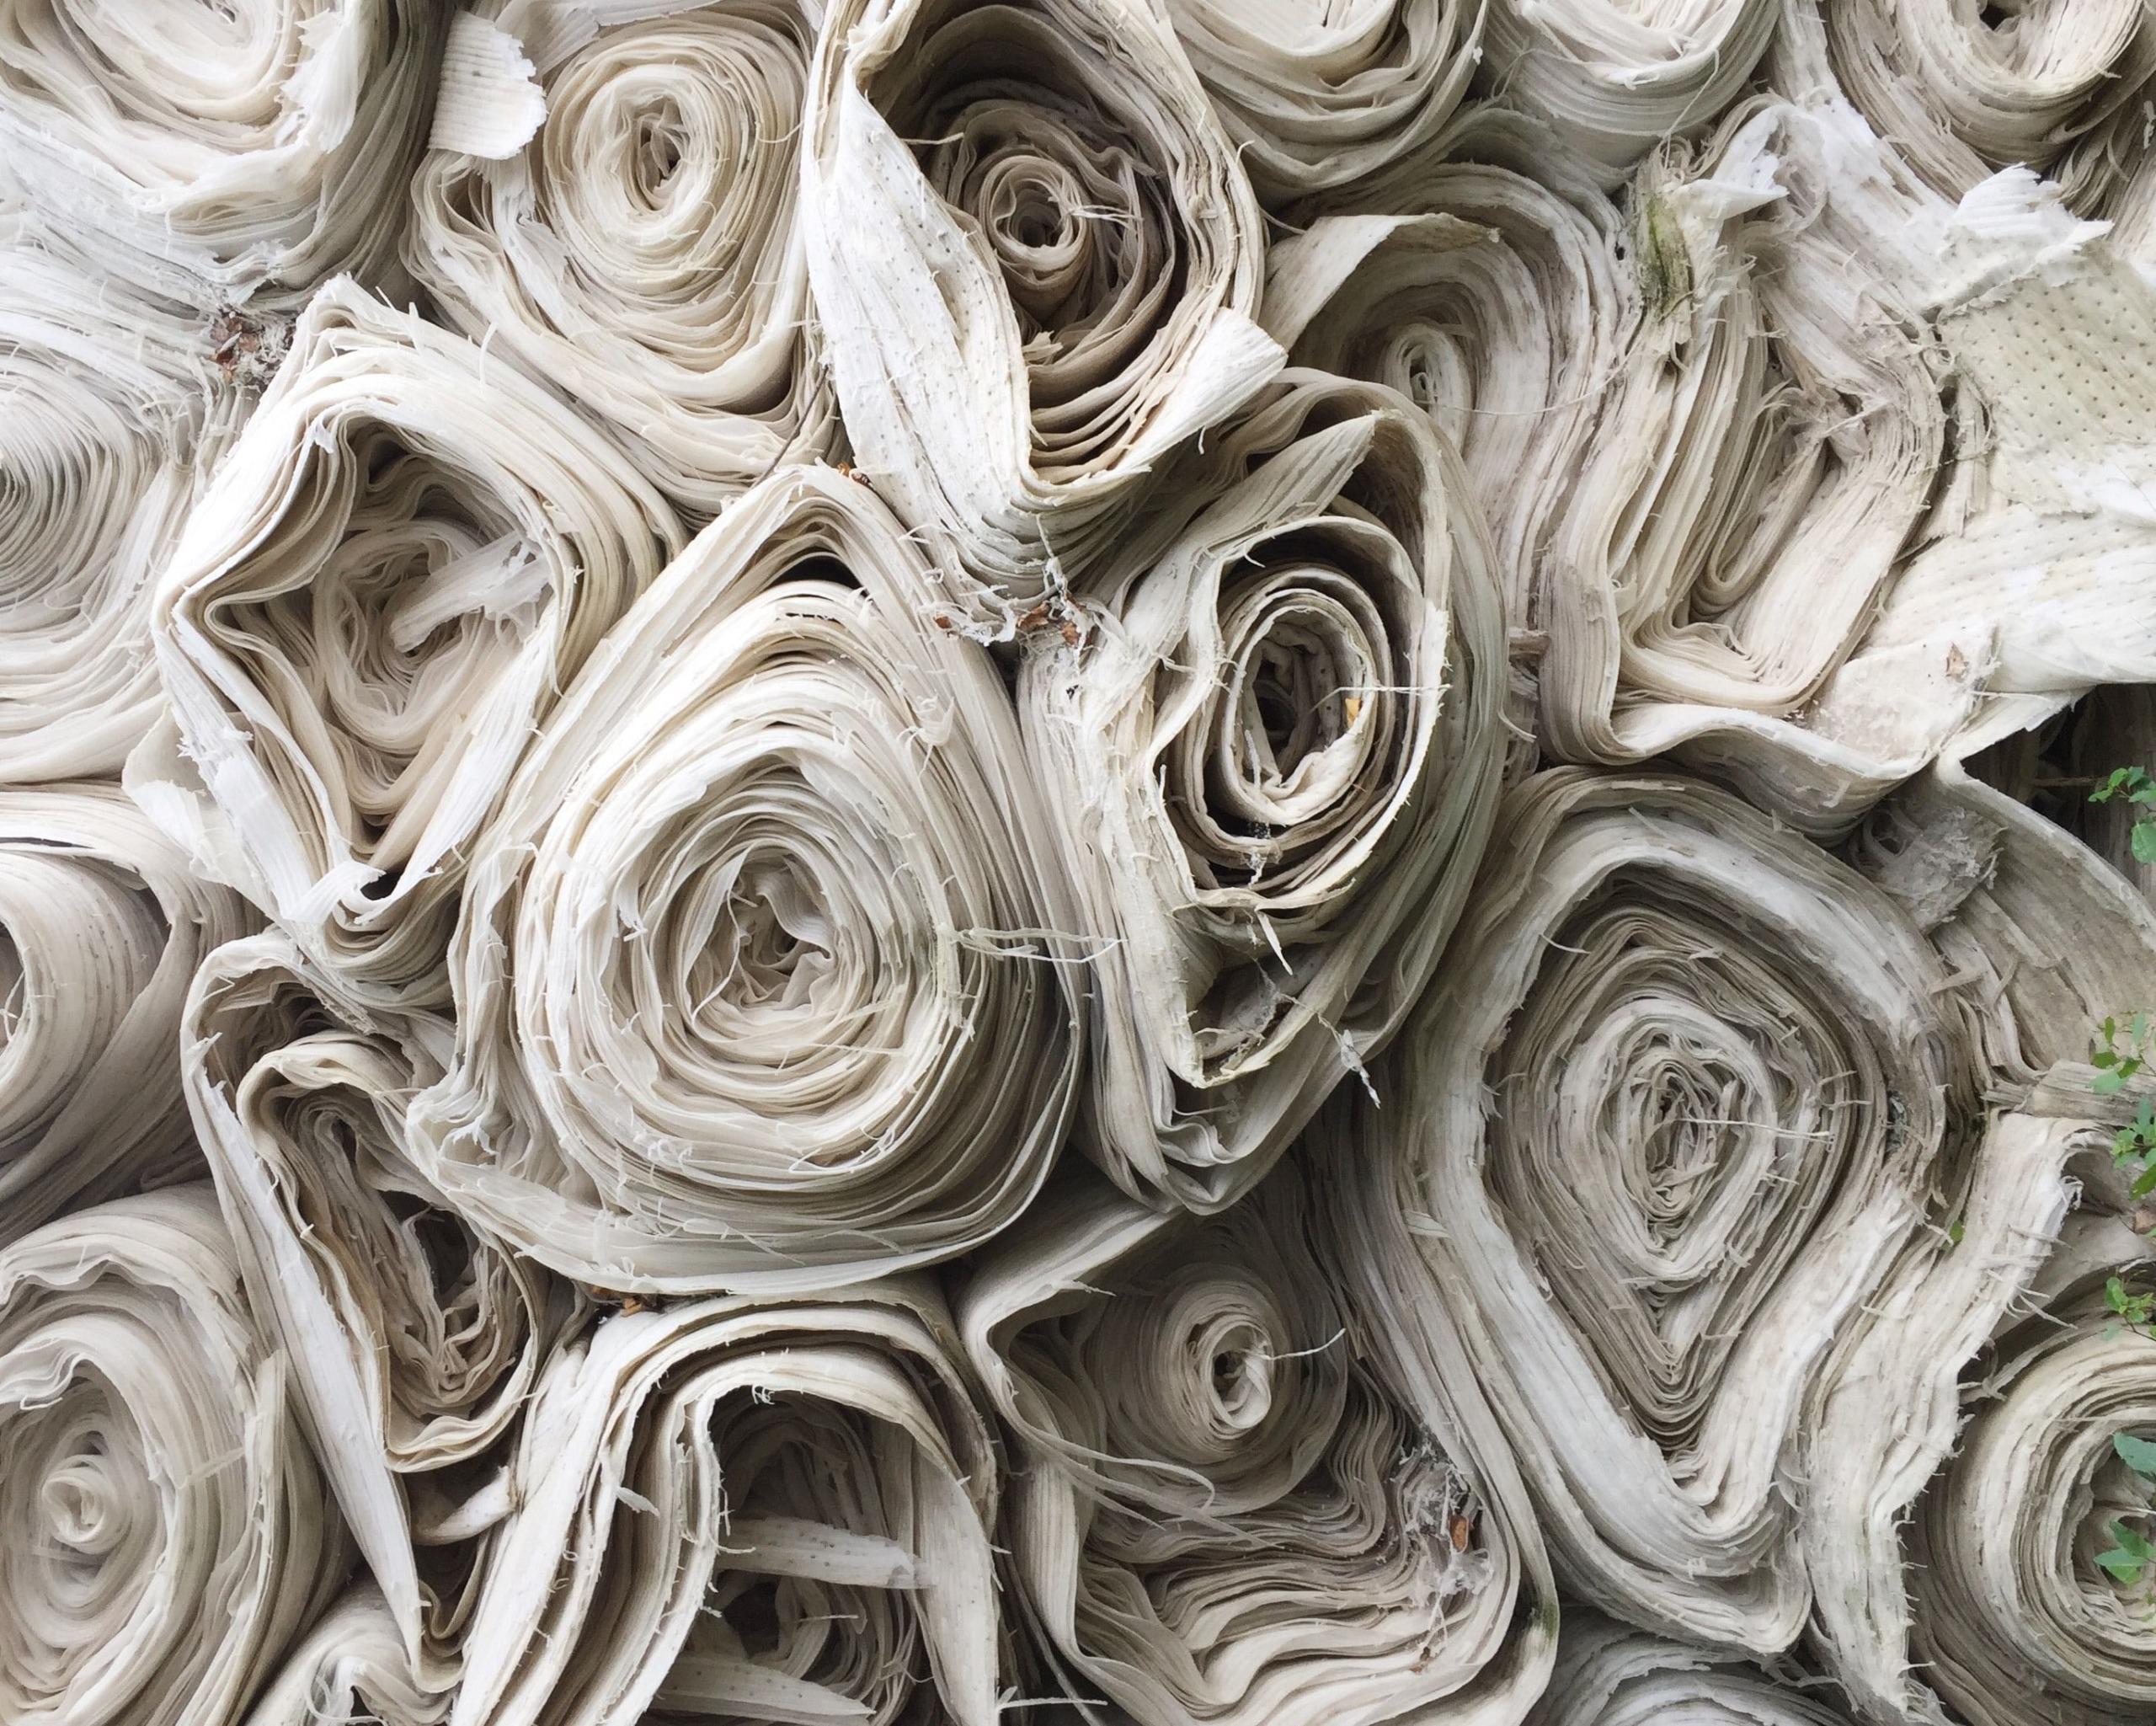 Blauer Engel für Textilbeschaffung der Bundesregierung